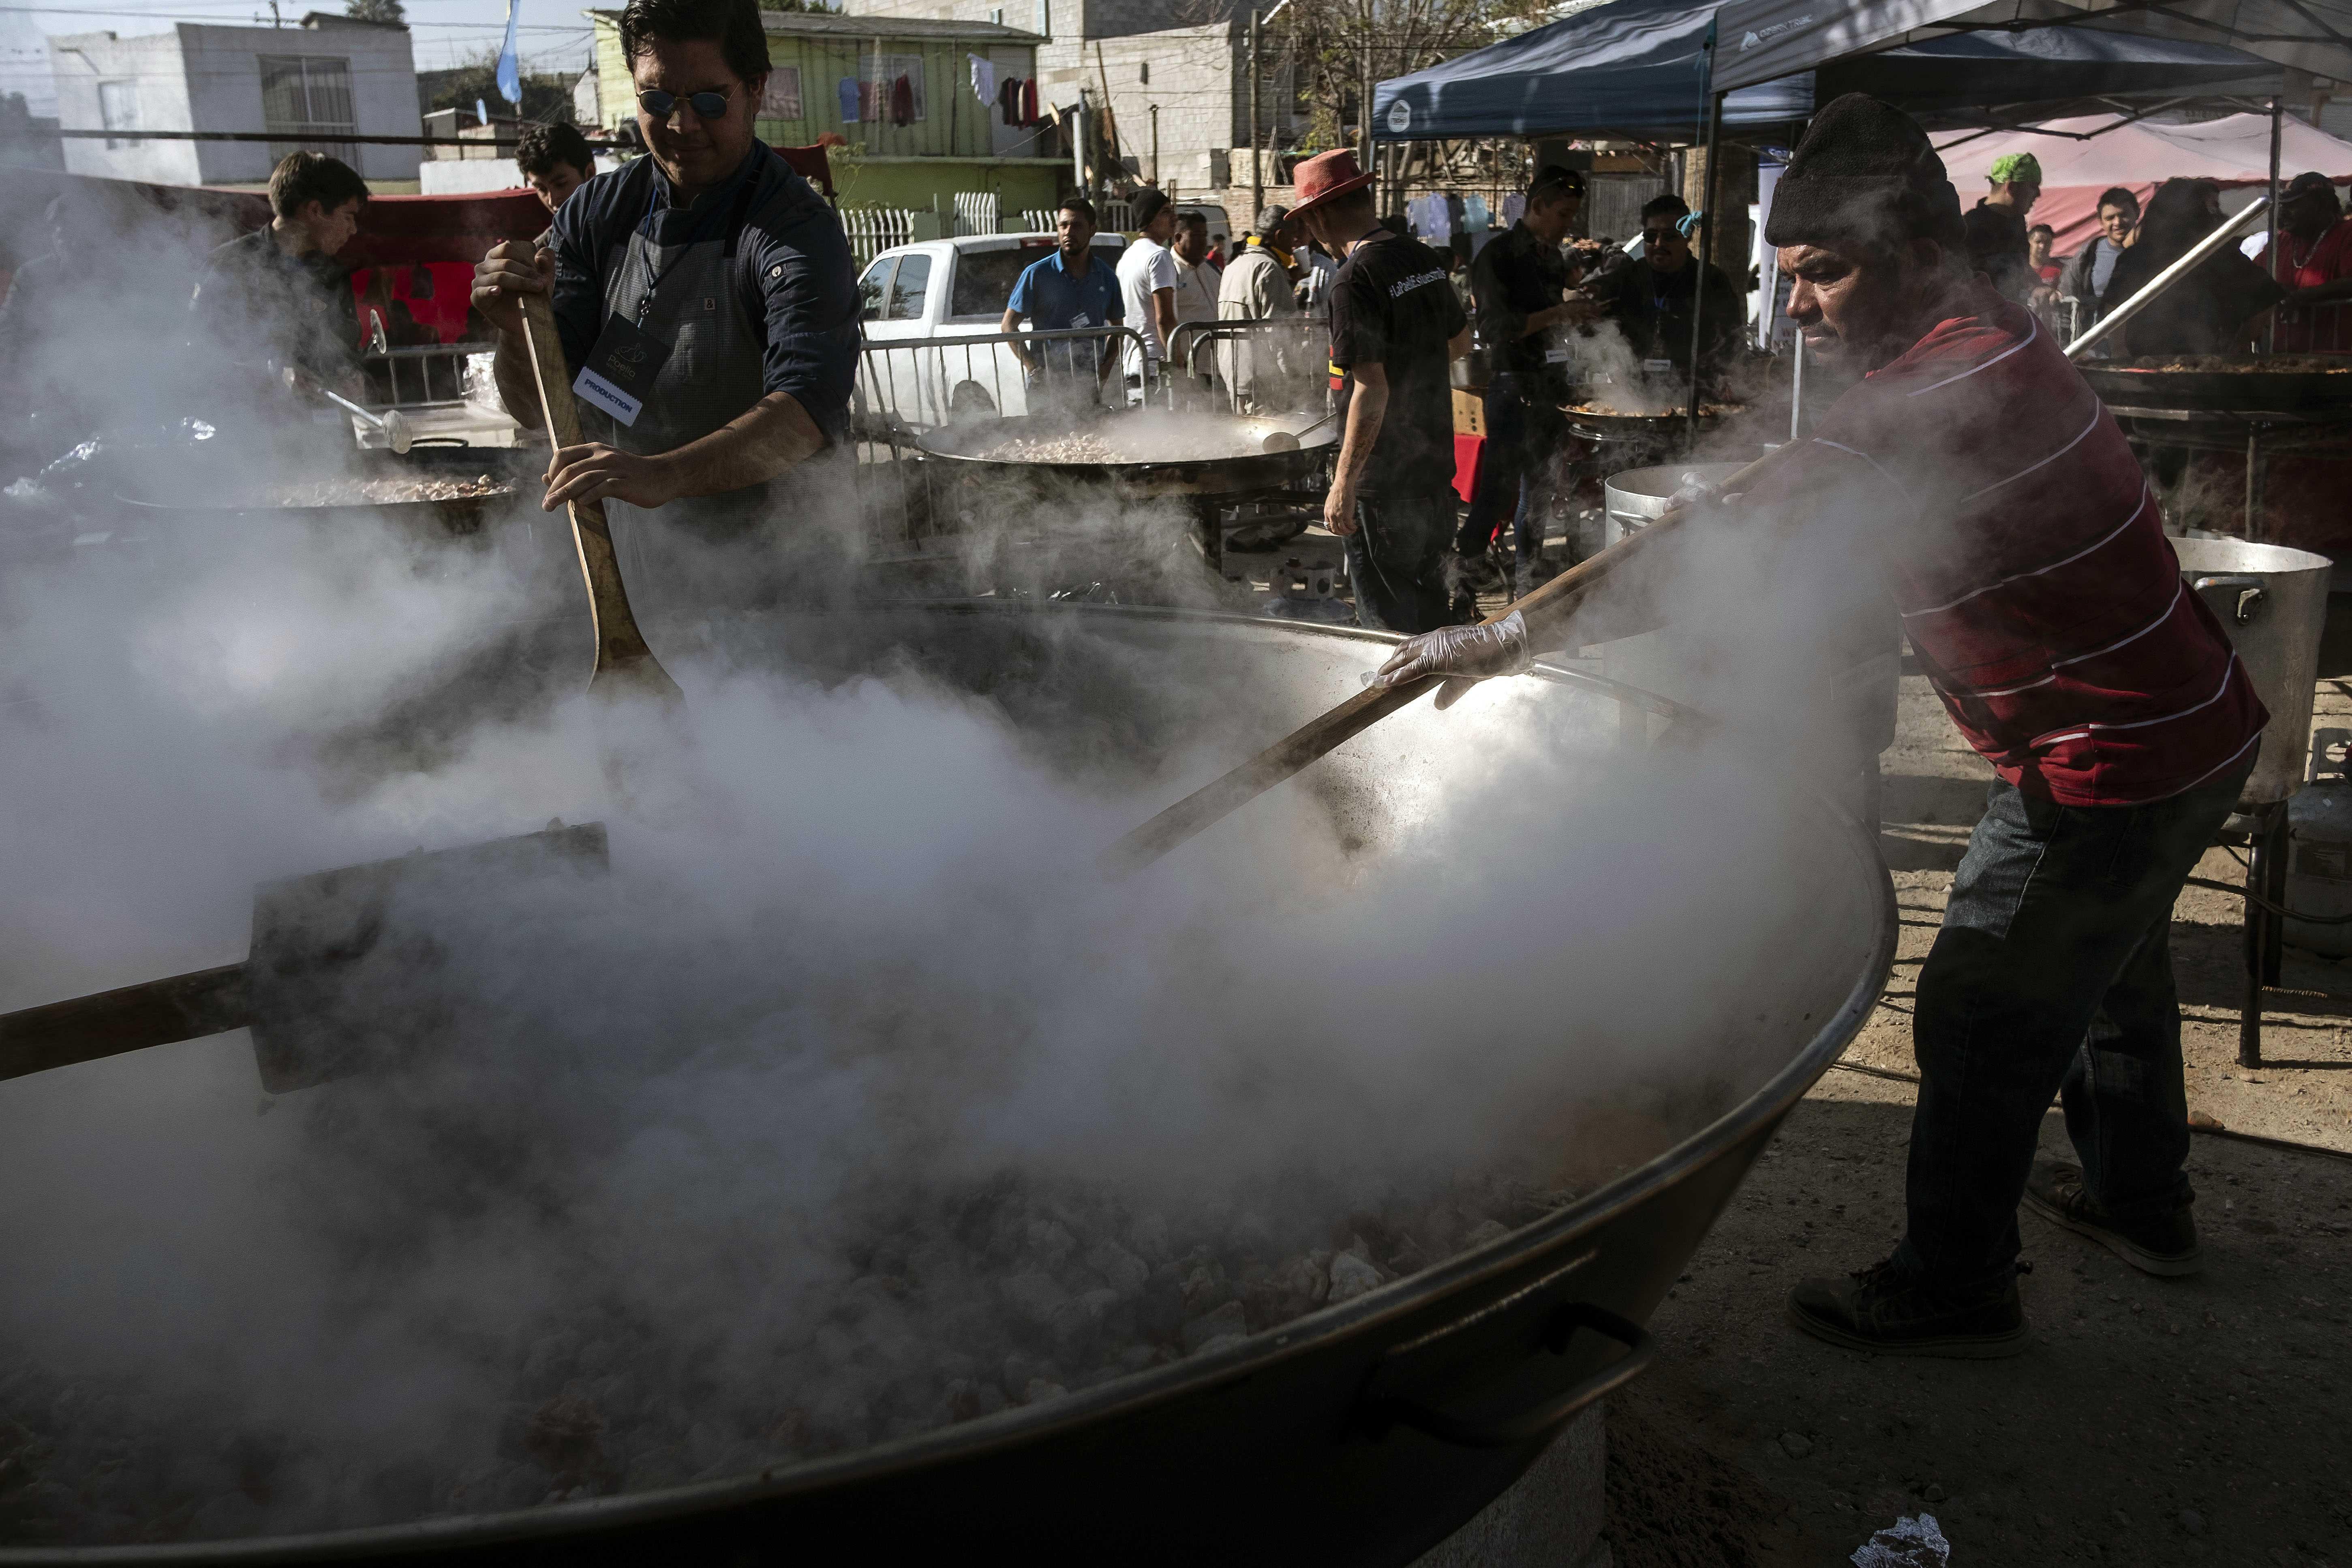 Chefs internacionales cocinan paella para miles de migrantes en Tijuana